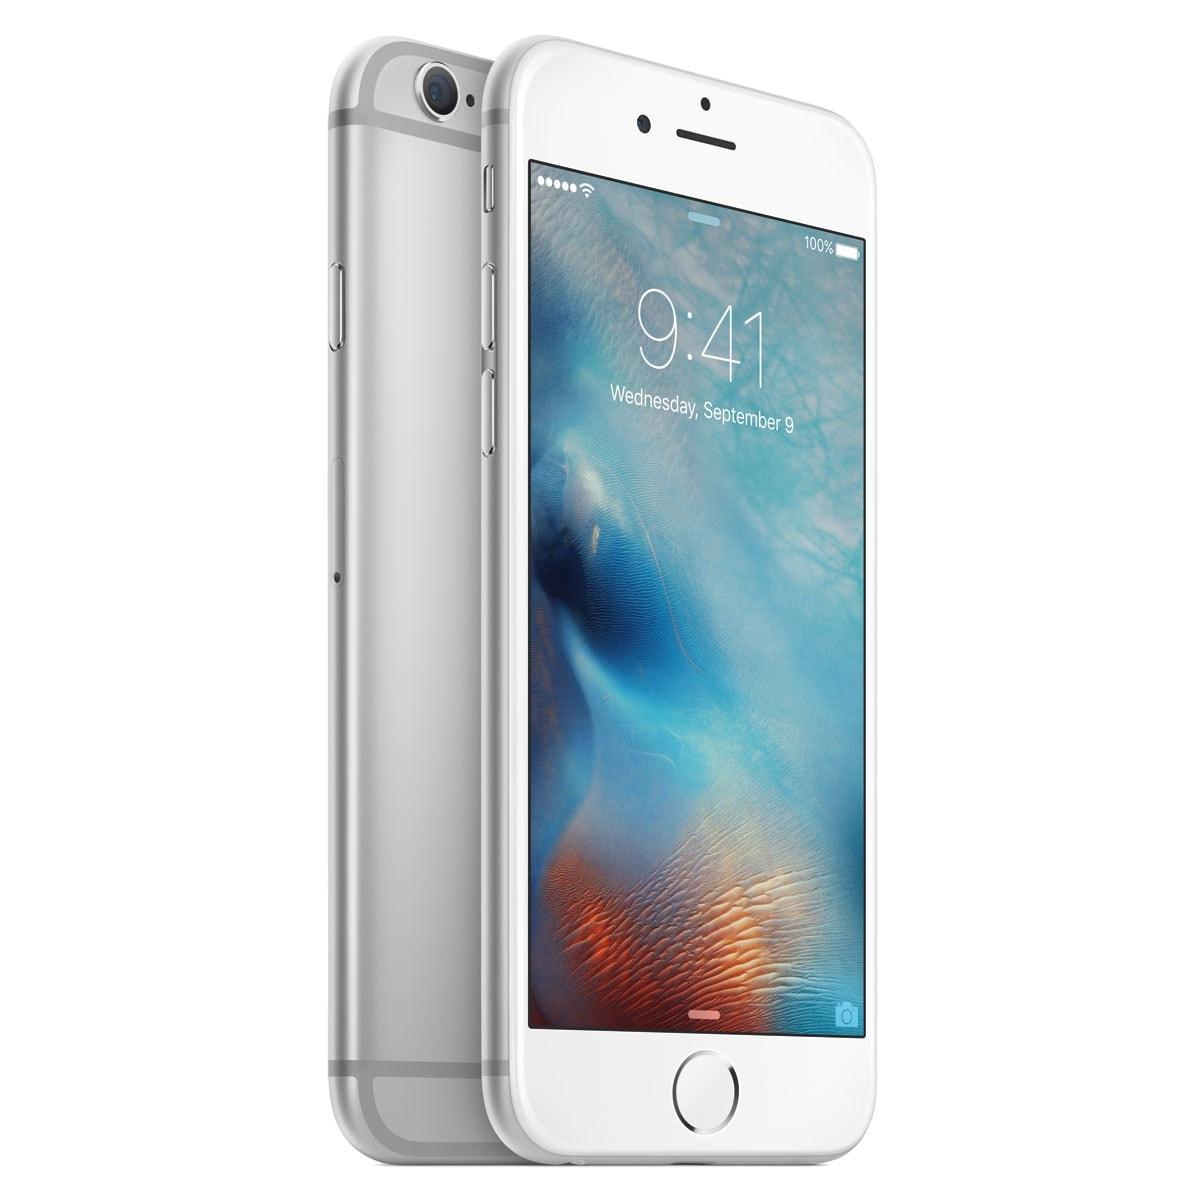 Apple iPhone 6s Plus 16Go Argent - Téléphonie Apple - Cybertek.fr - 1